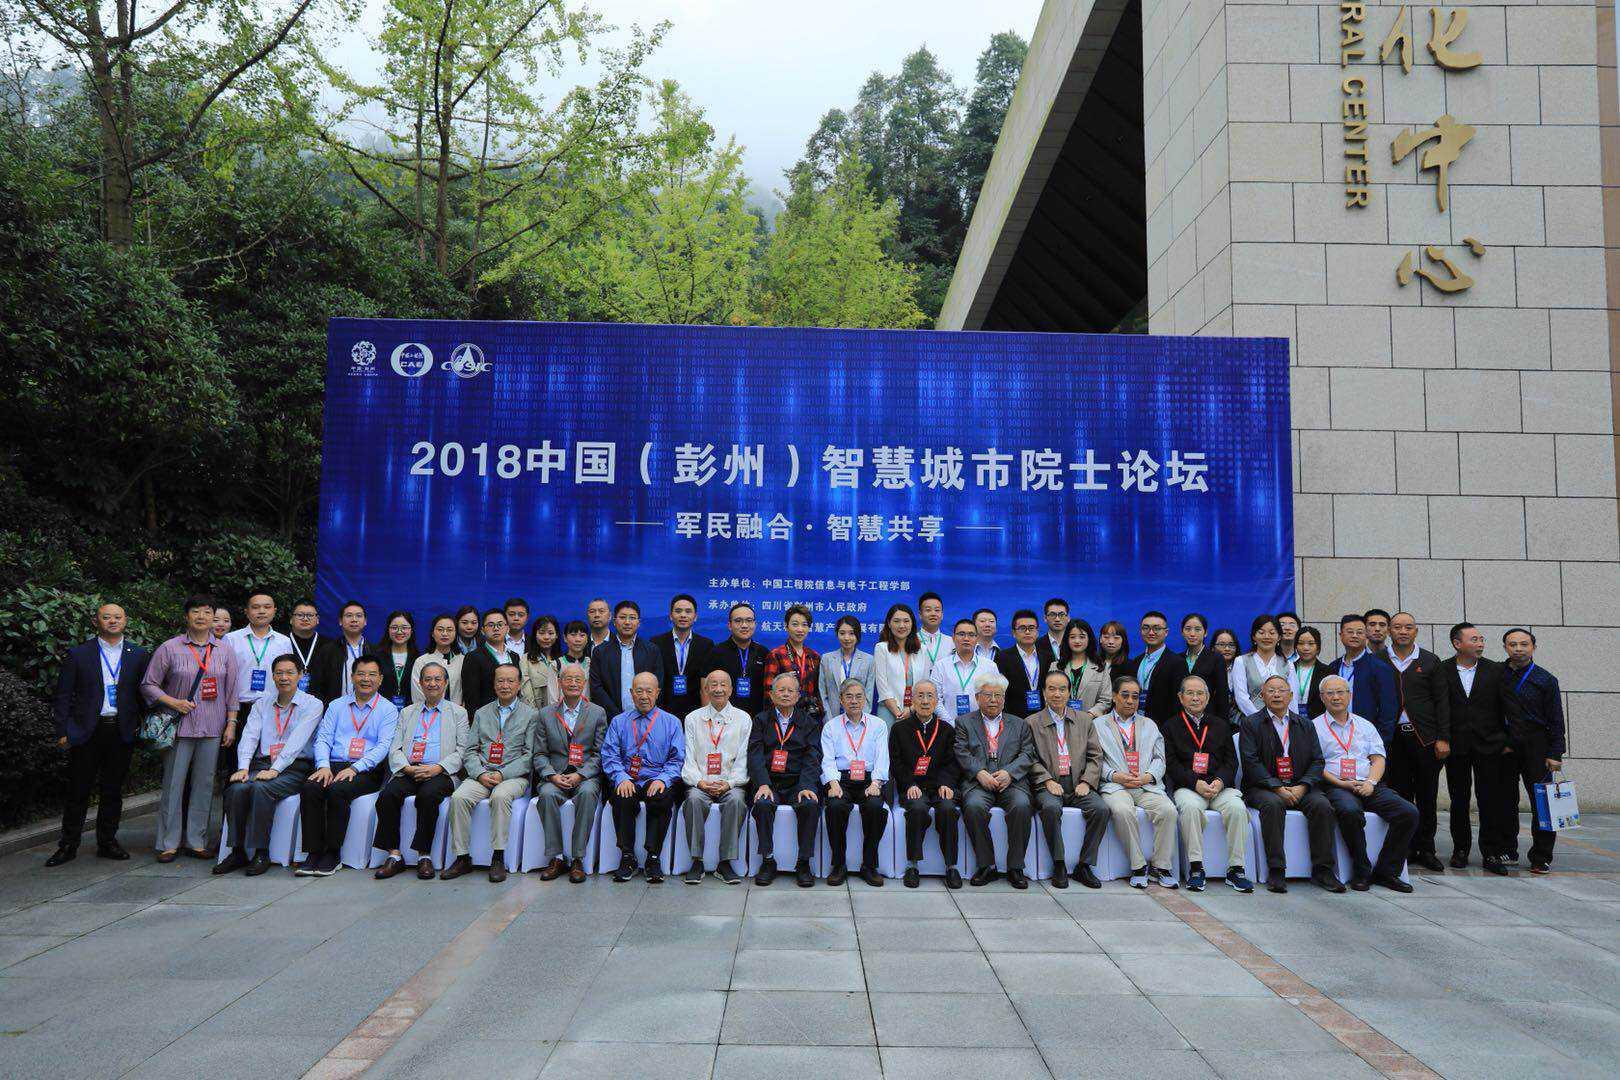 """2018中国(彭州)智慧城市院士论坛在彭举行 16位院士""""论剑""""新时代智慧城市建设"""